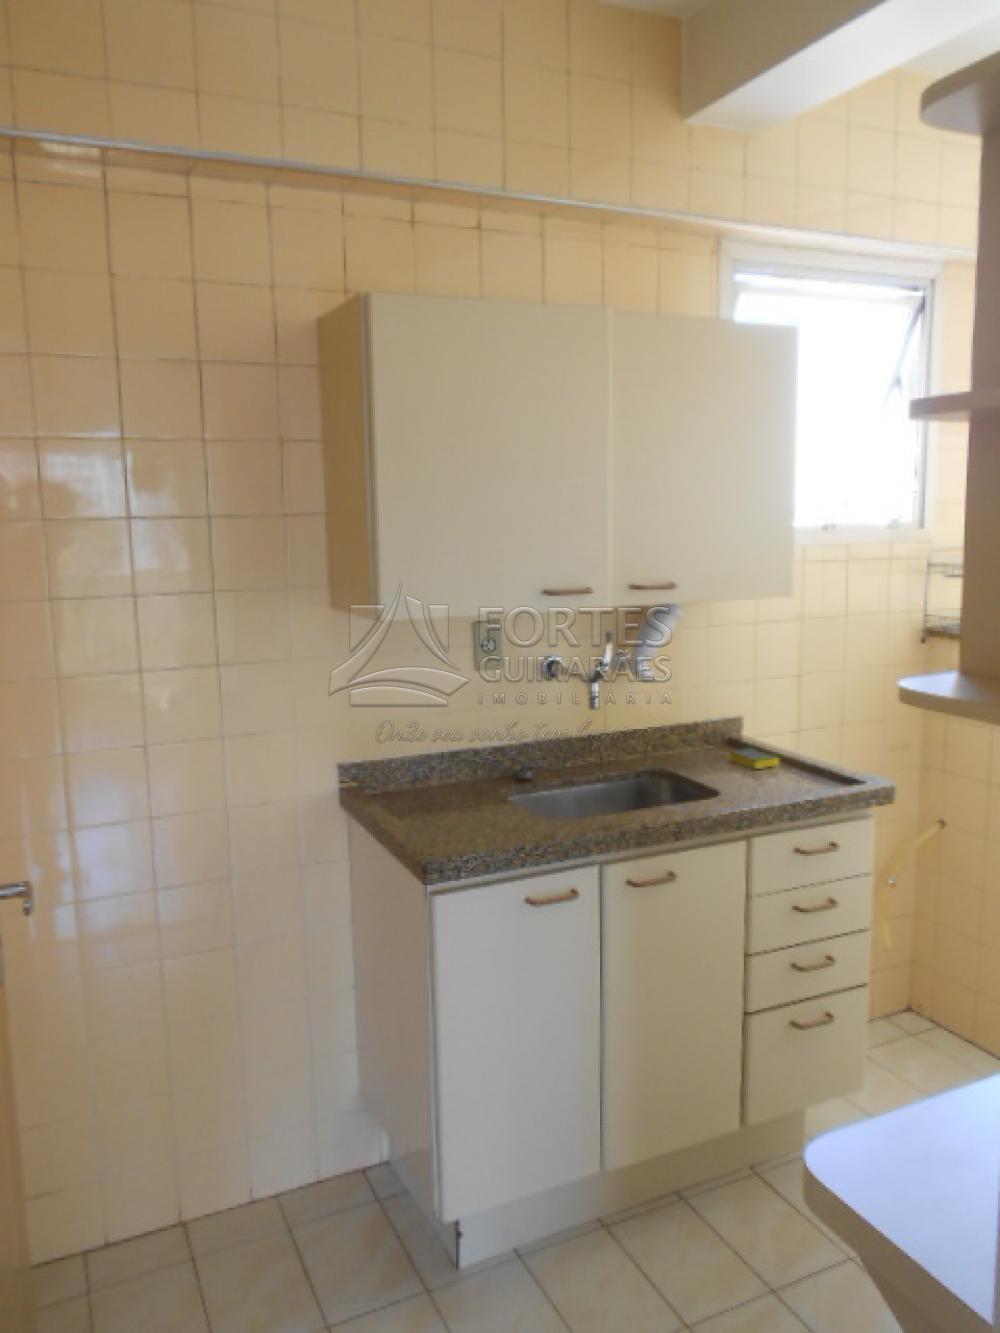 Alugar Apartamentos / Padrão em Ribeirão Preto apenas R$ 750,00 - Foto 18